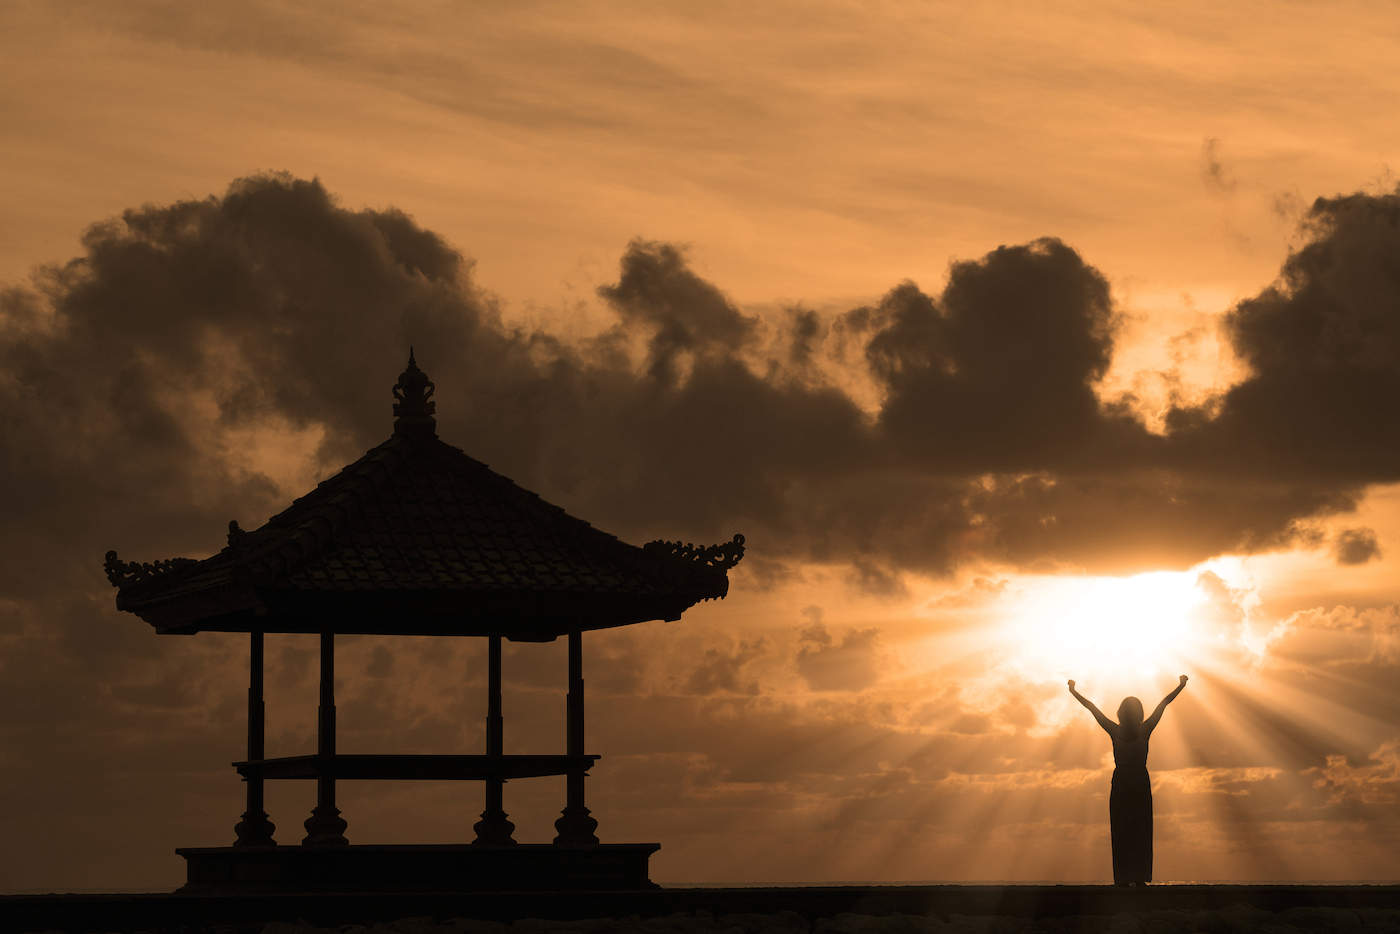 Bali in its beauty